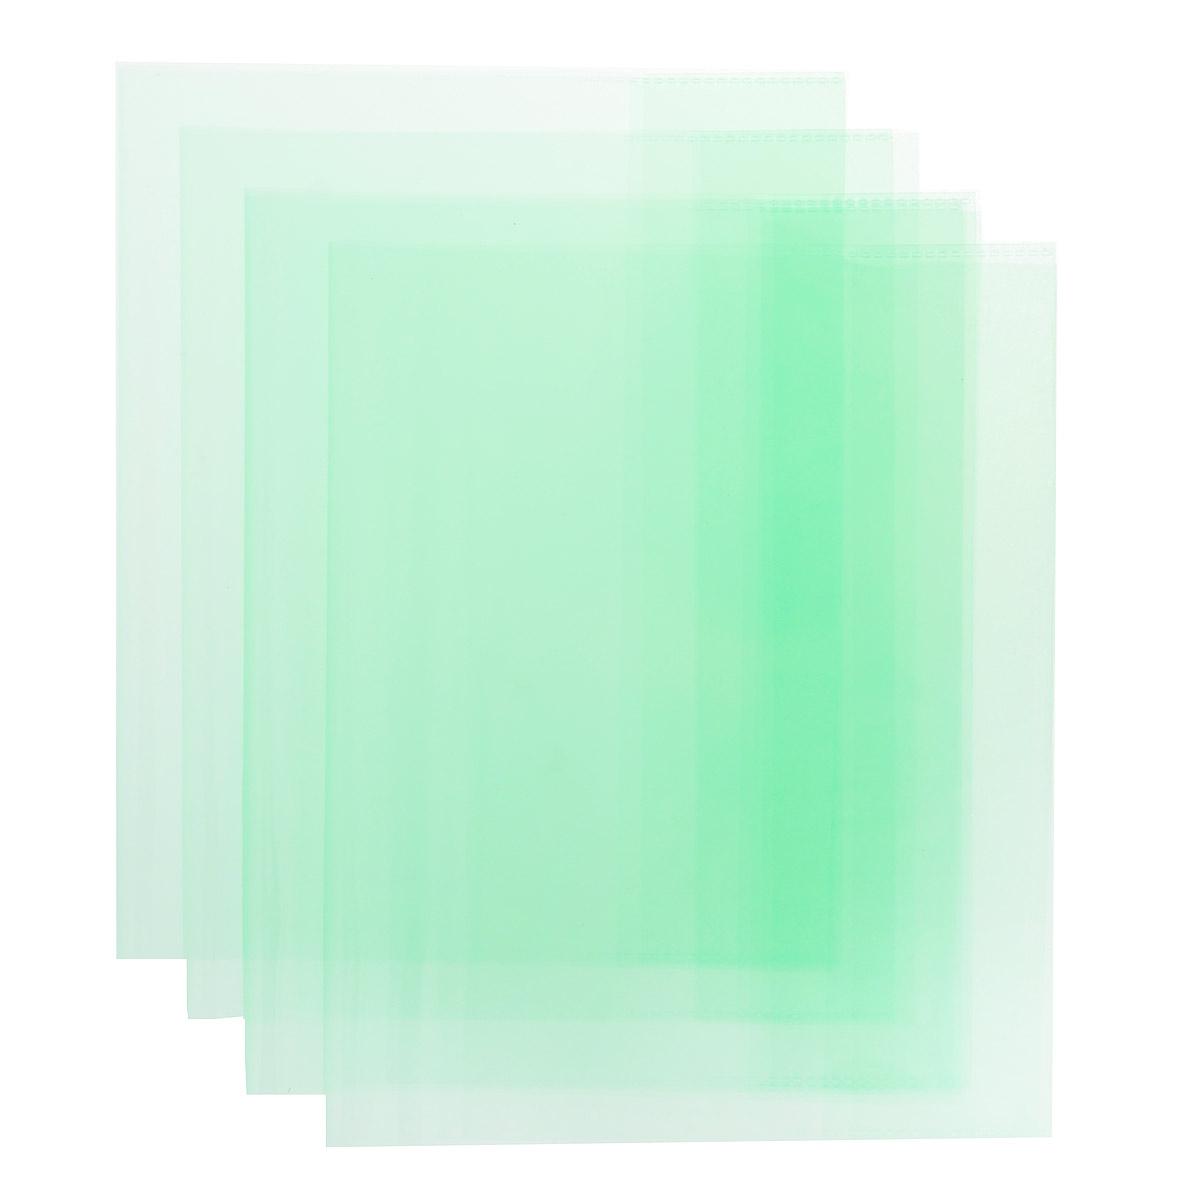 Набор цветных обложек для тетрадей и дневников Action, 21 см х 34,6 см, 5 штABC010/5_зеленыйНабор цветных обложек для тетрадей и дневников Action предназначены для защиты тетрадей, дневников от пыли, грязи и механических повреждений. Обложки с прозрачными клапанами. Рекомендовано для детей старше трех лет.